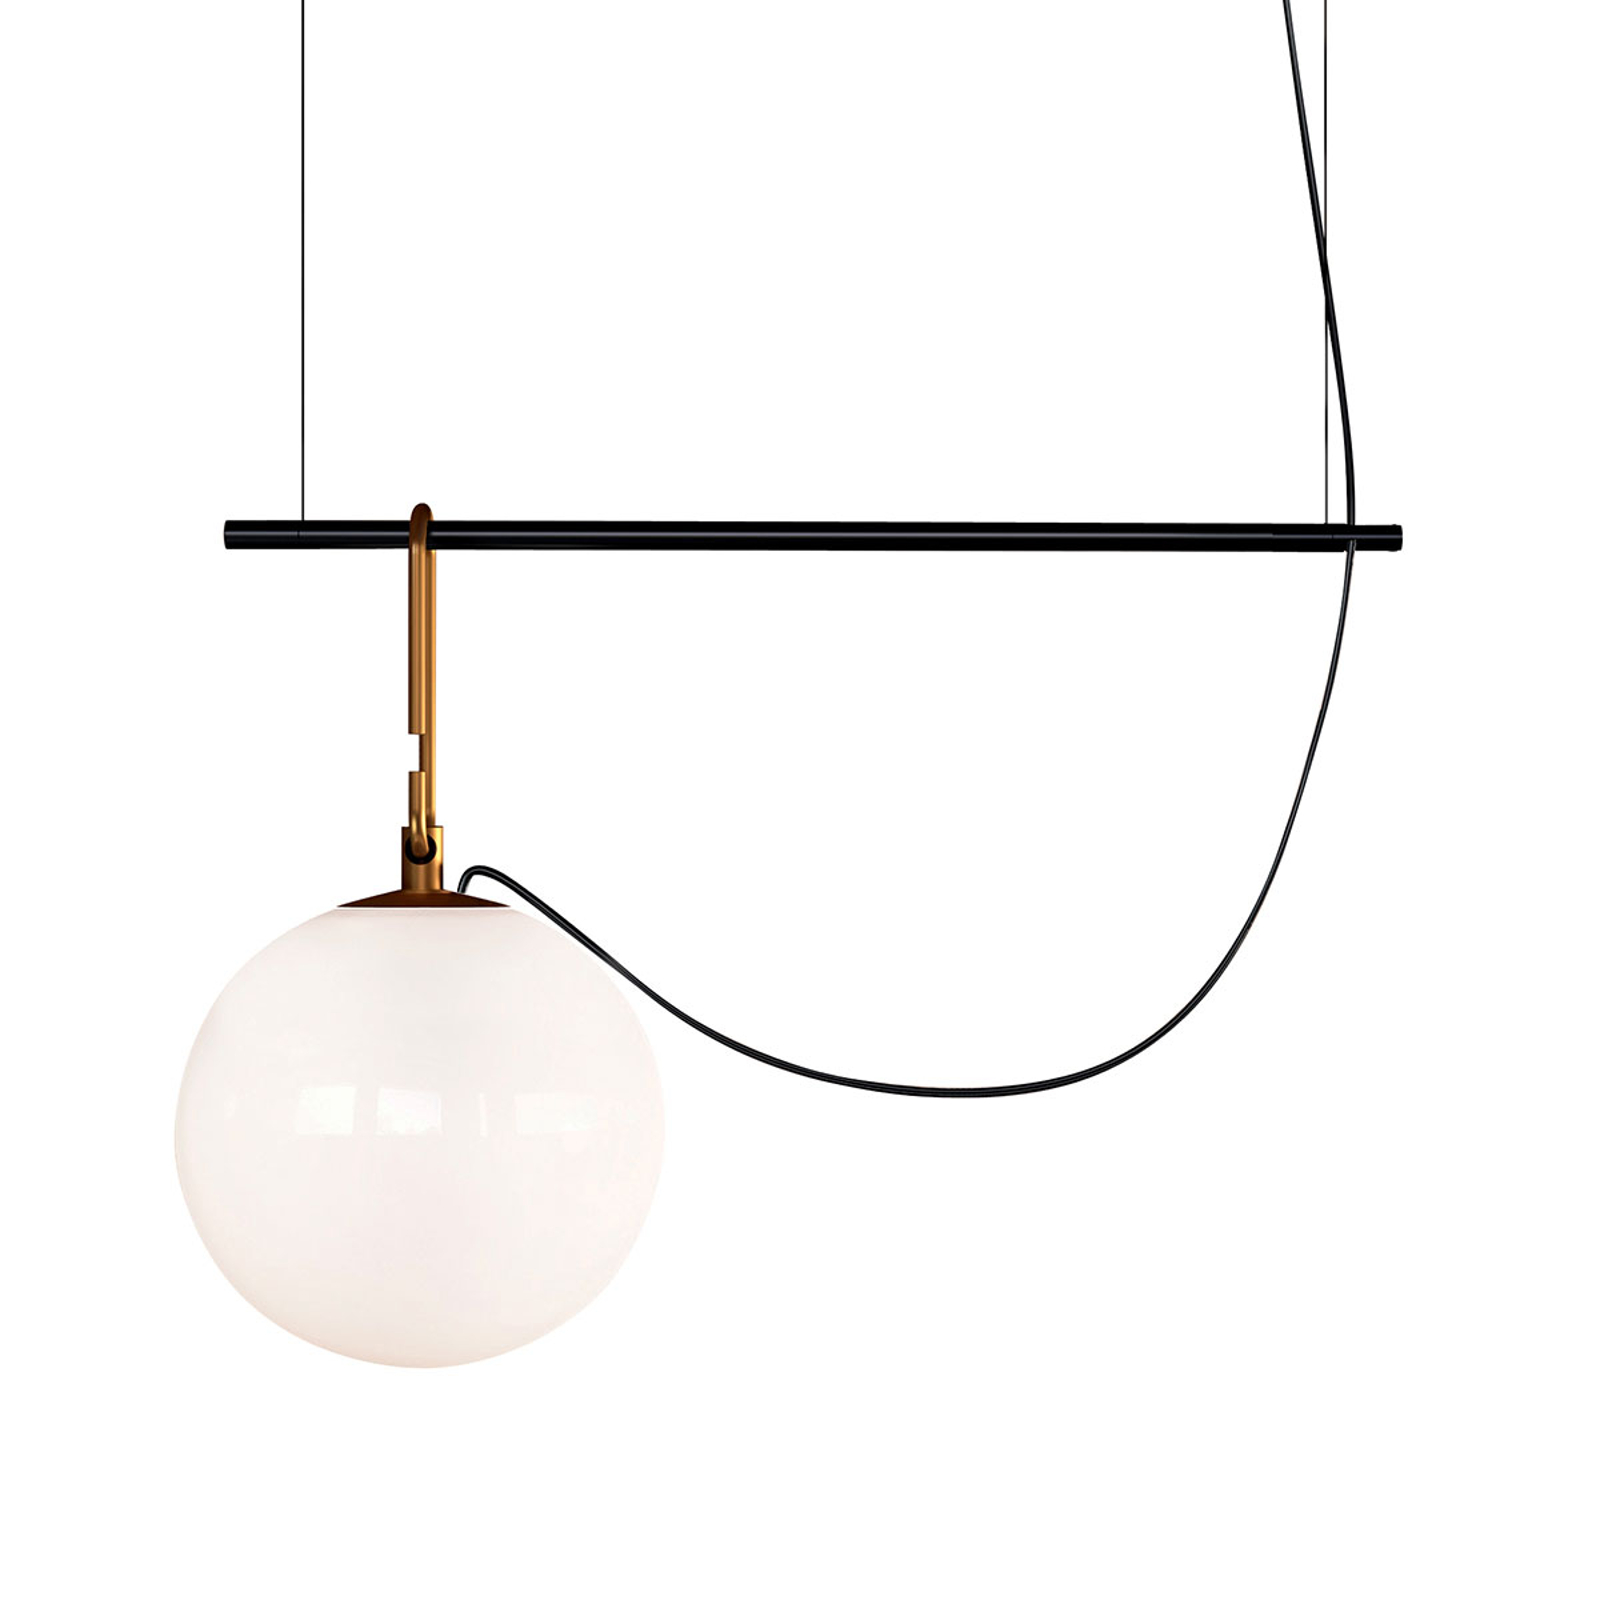 Artemide nh S1 22 suspension 55cm sphère Ø 22cm